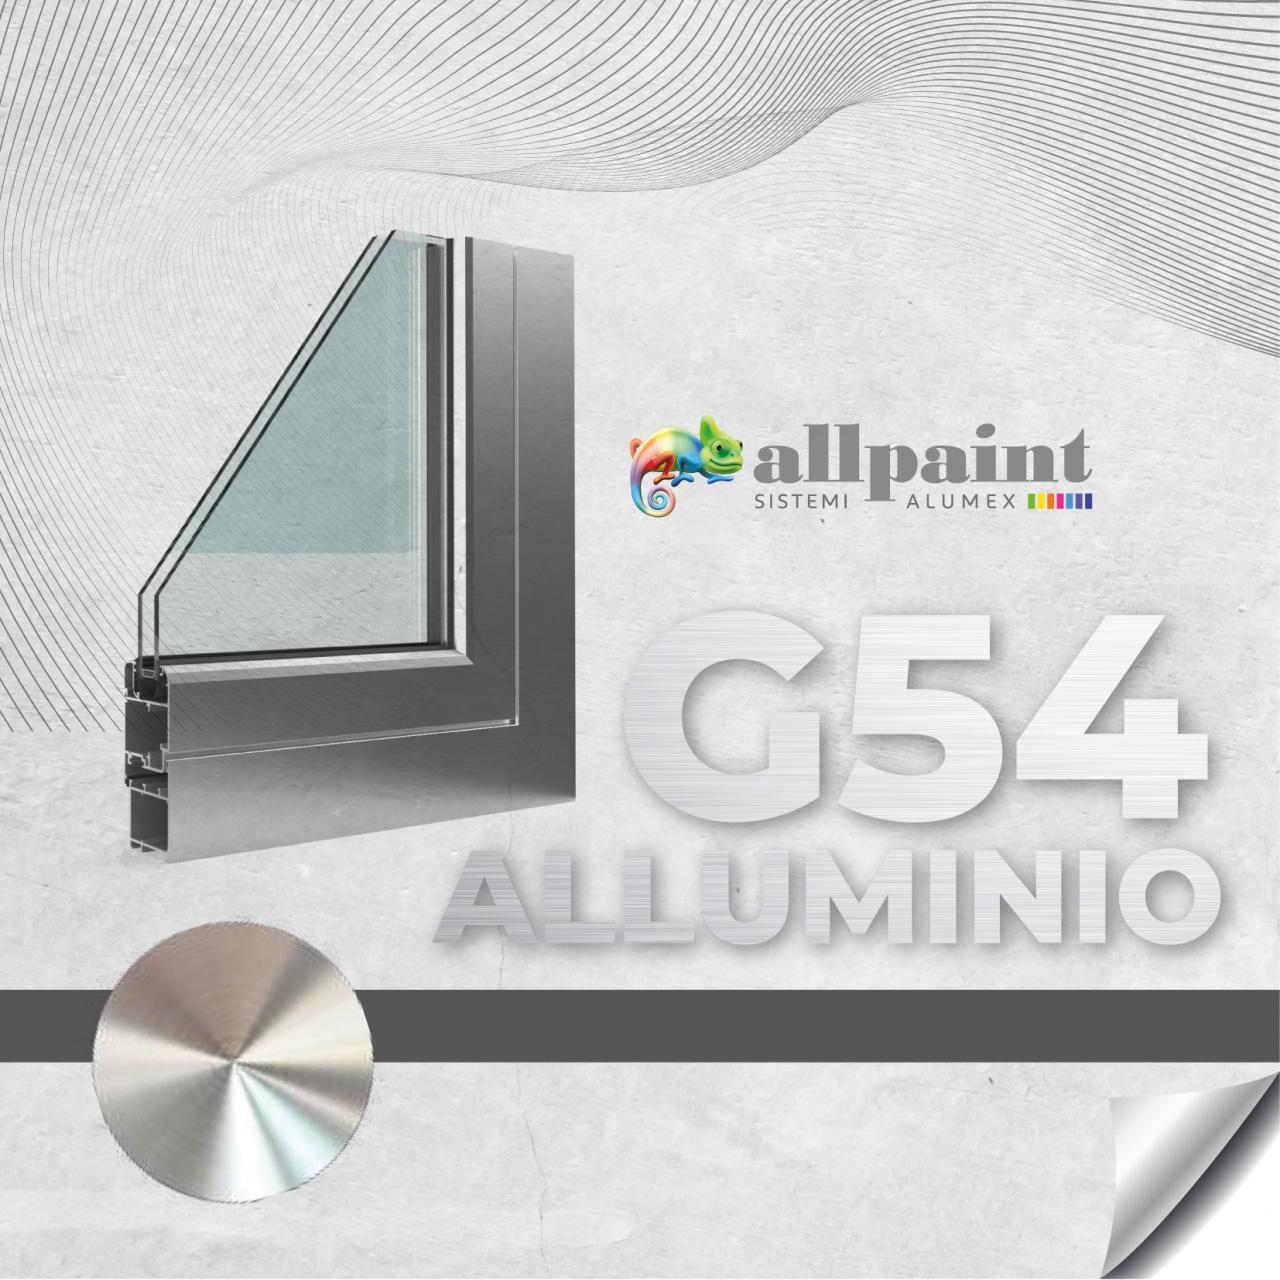 https://www.allpaint.it/wp-content/uploads/2021/09/G54-ALLPAINT-1280x1280-1.jpg